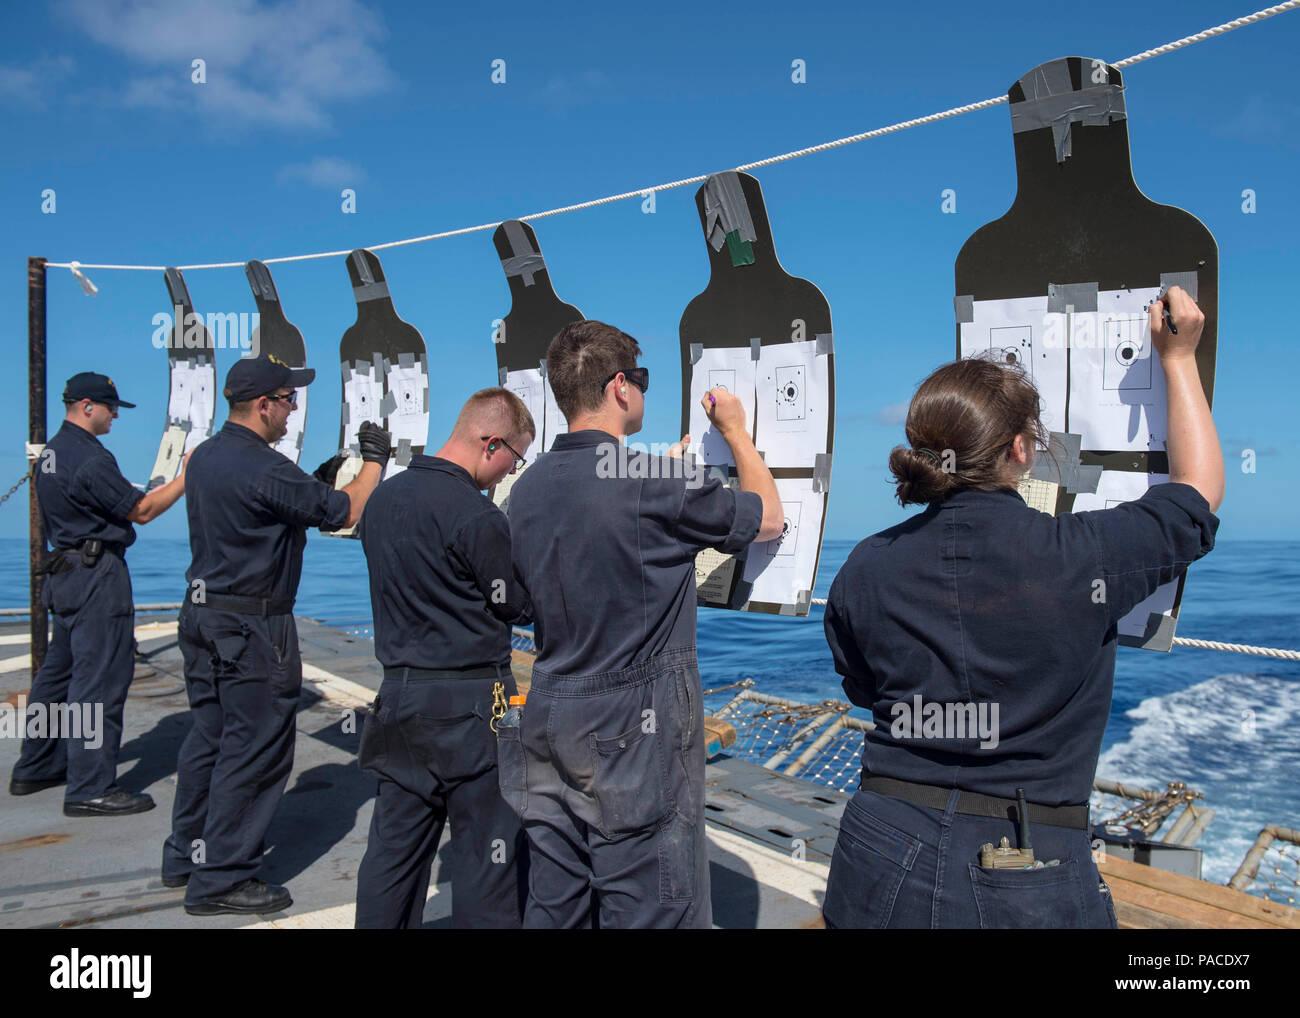 Mar de Filipinas (15 de marzo de 2016) El Gunner's Mates tally puntuaciones de puntería durante una carabina M4A1 curso de calificación en la cubierta de vuelo del misil guiado por Burke-Class Arleigh destructor USS McCampbell (DDG 85). McCampbell es en patrullas de la séptima Flota de la zona de operaciones en apoyo de la seguridad y la estabilidad en la Indo-Asia-Pacífico. (Ee.Uu. Navy photo by Mass Communication Specialist 2nd Class Bryan Jackson/liberado) Foto de stock